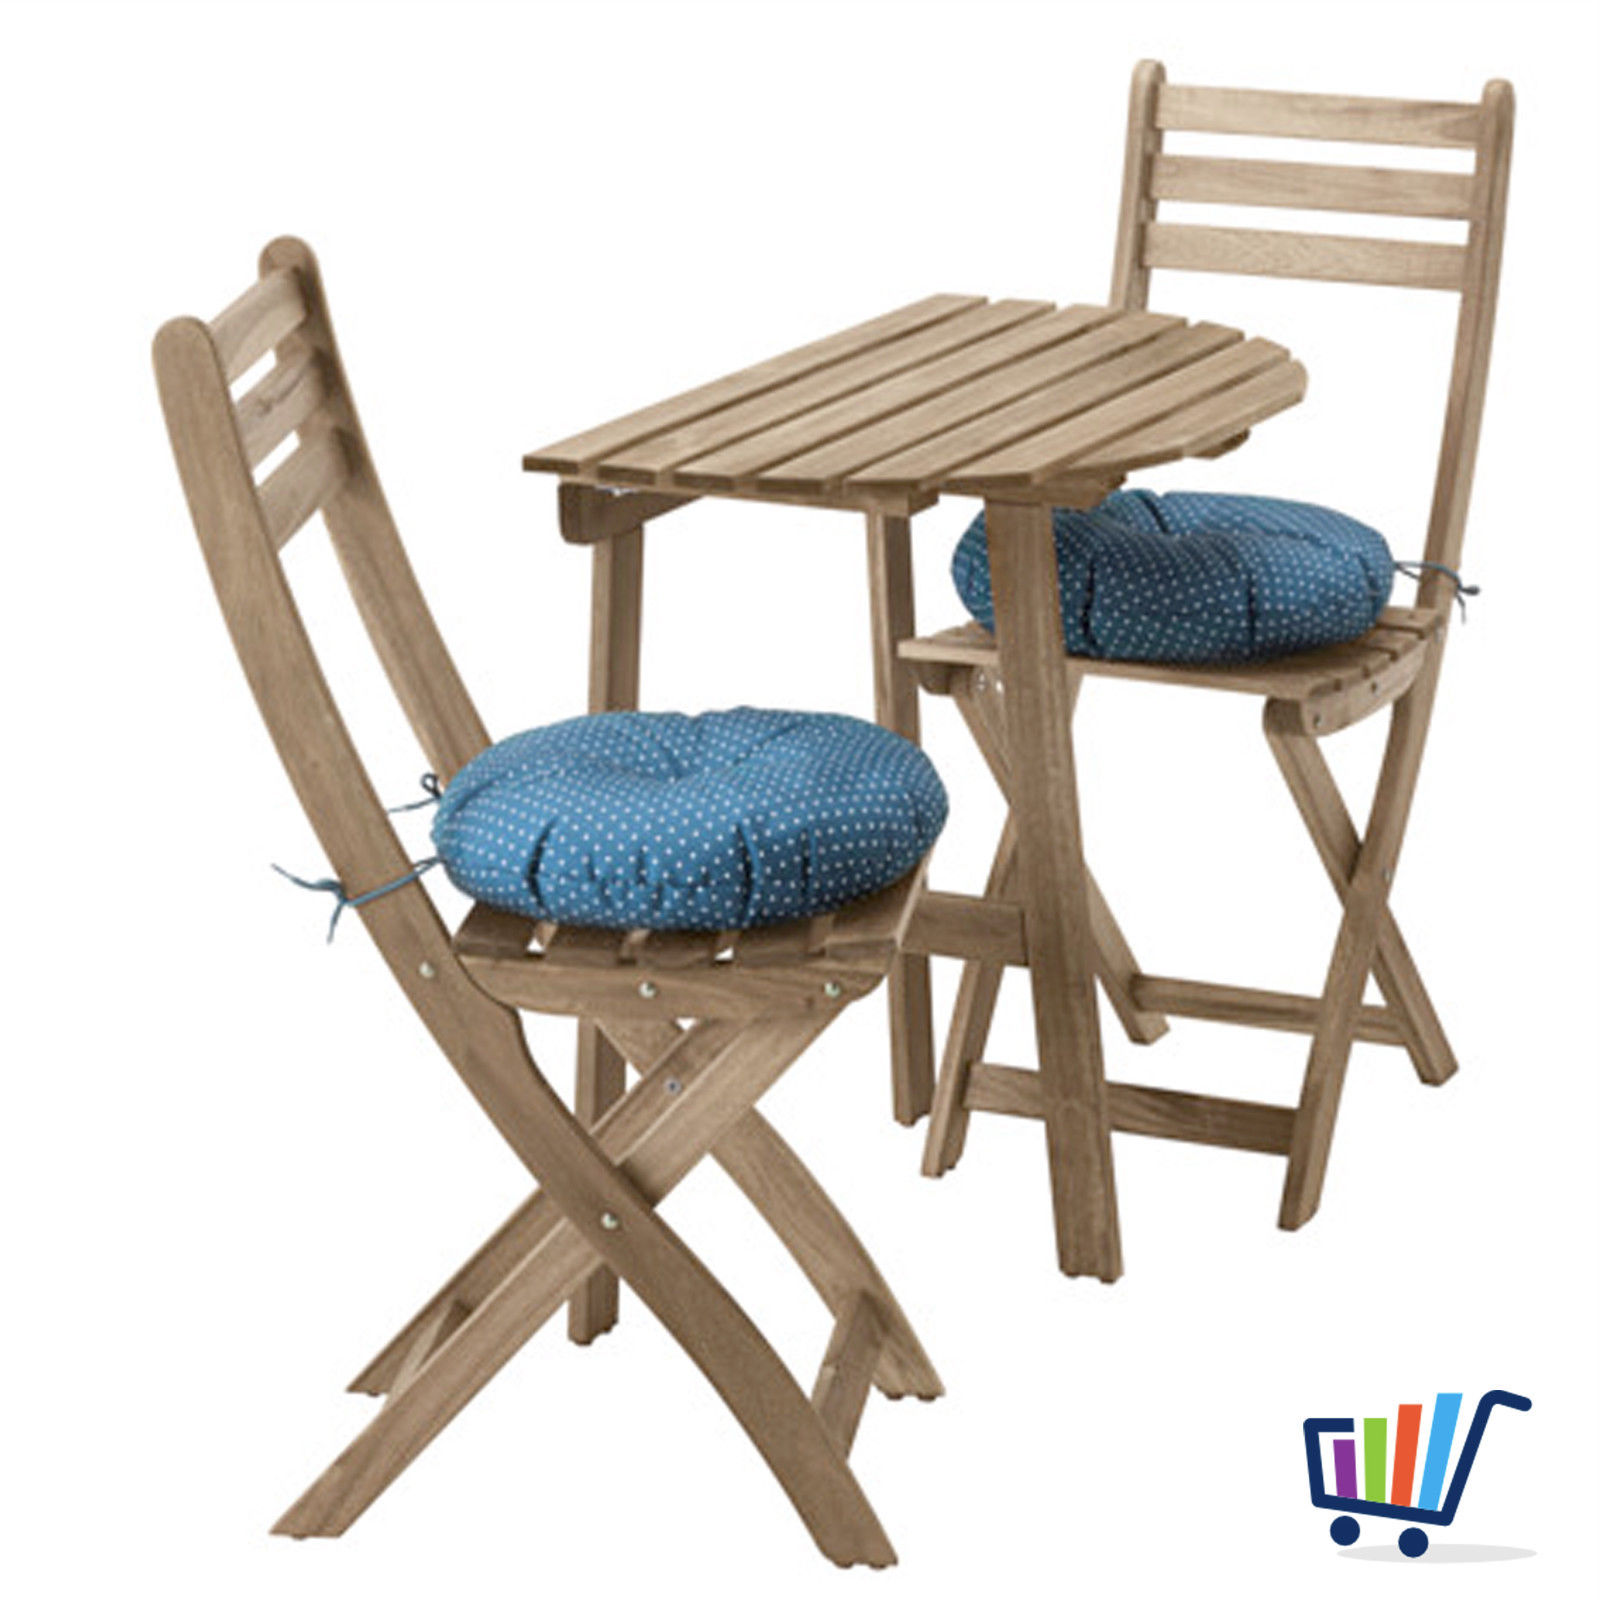 IKEA Gartentisch Wandtisch + 2 Klappstühle + Kissen Balkonmöbel ...